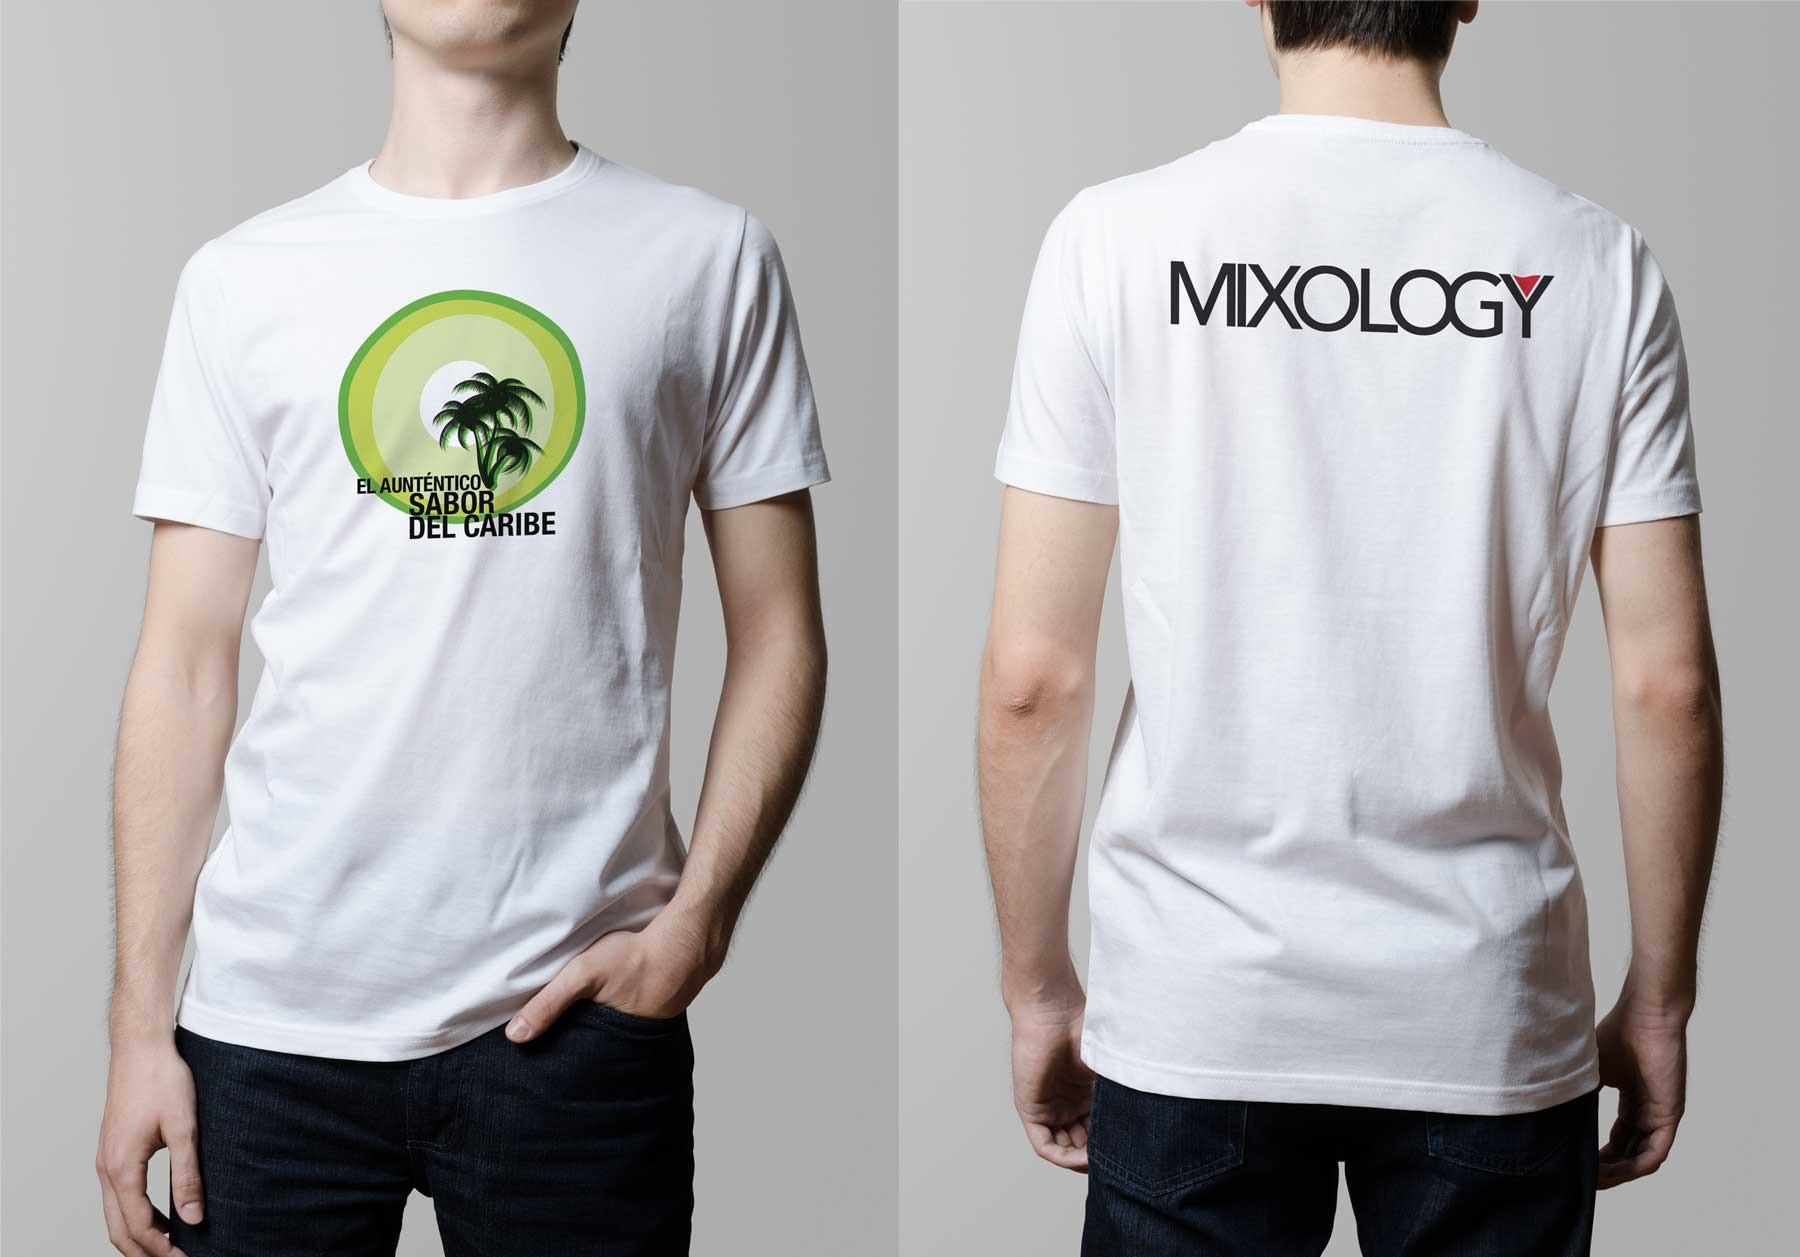 mixology_06